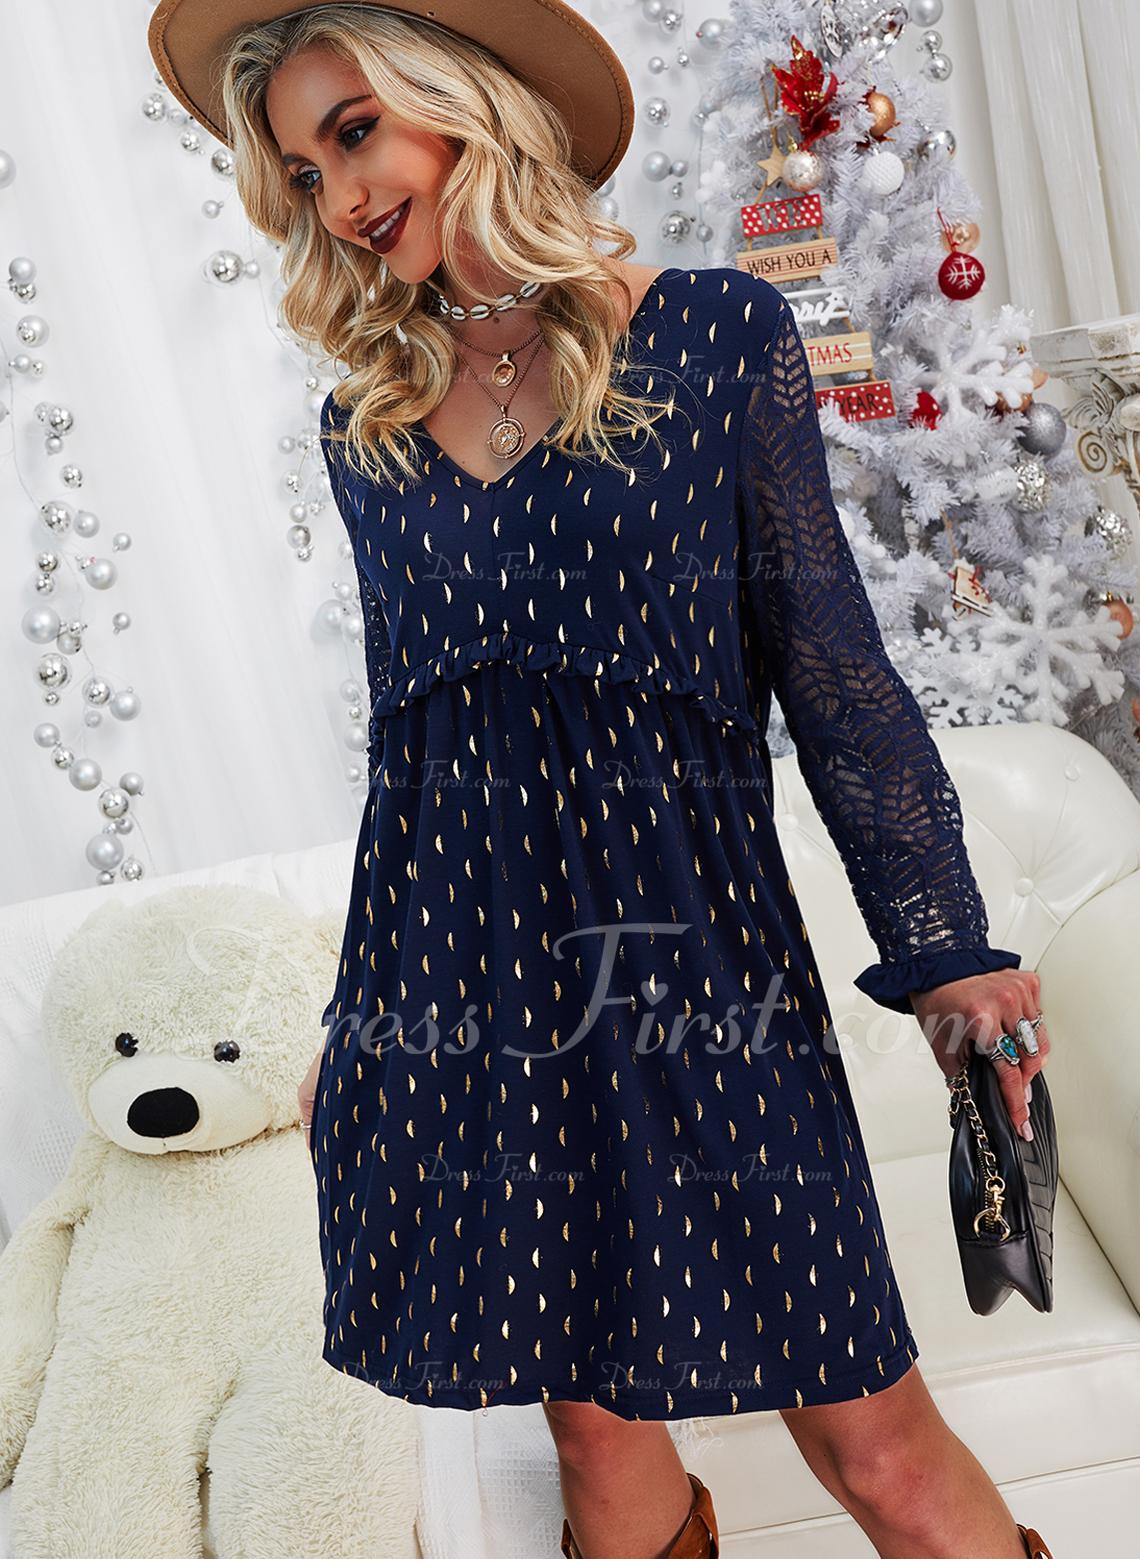 レース 印刷 シフトドレス 長袖 ミディ カジュアル エレガント チュニック ファッションドレス